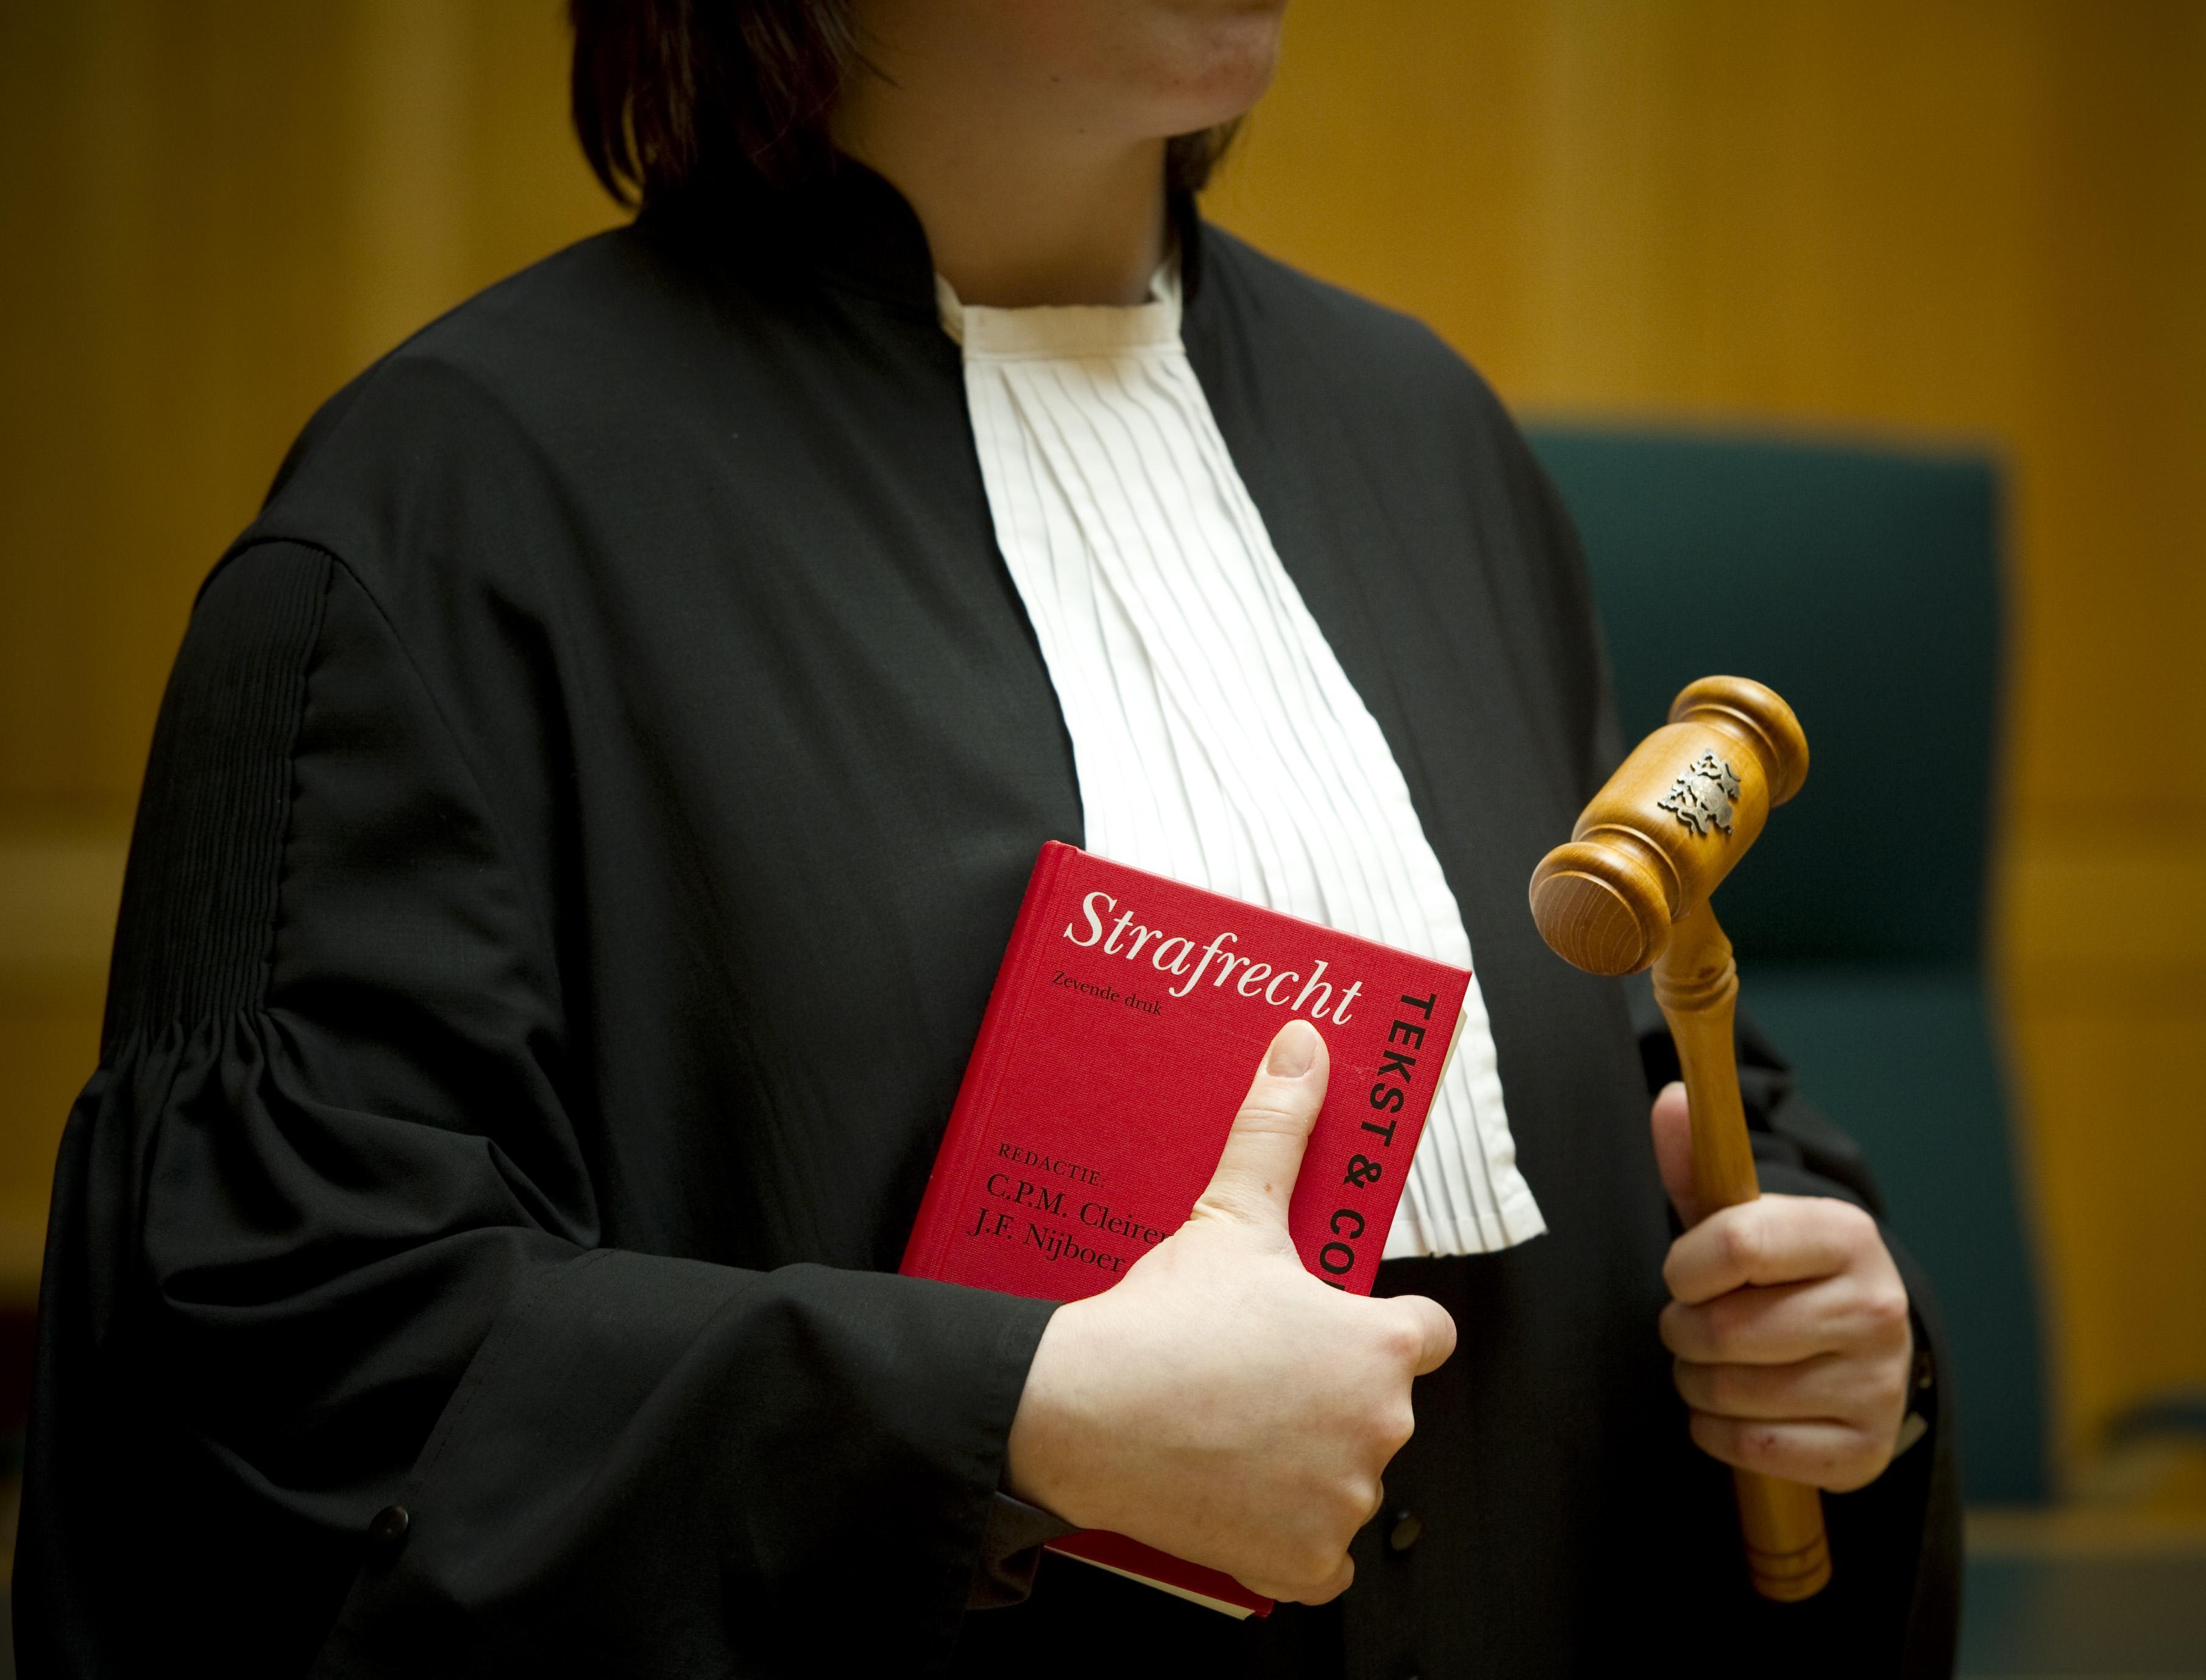 Gewelddadige Rolexdief uit Hilversum krijgt werkstraf; Slachtoffer liep gecompliceerde beenbreuk op bij beroving